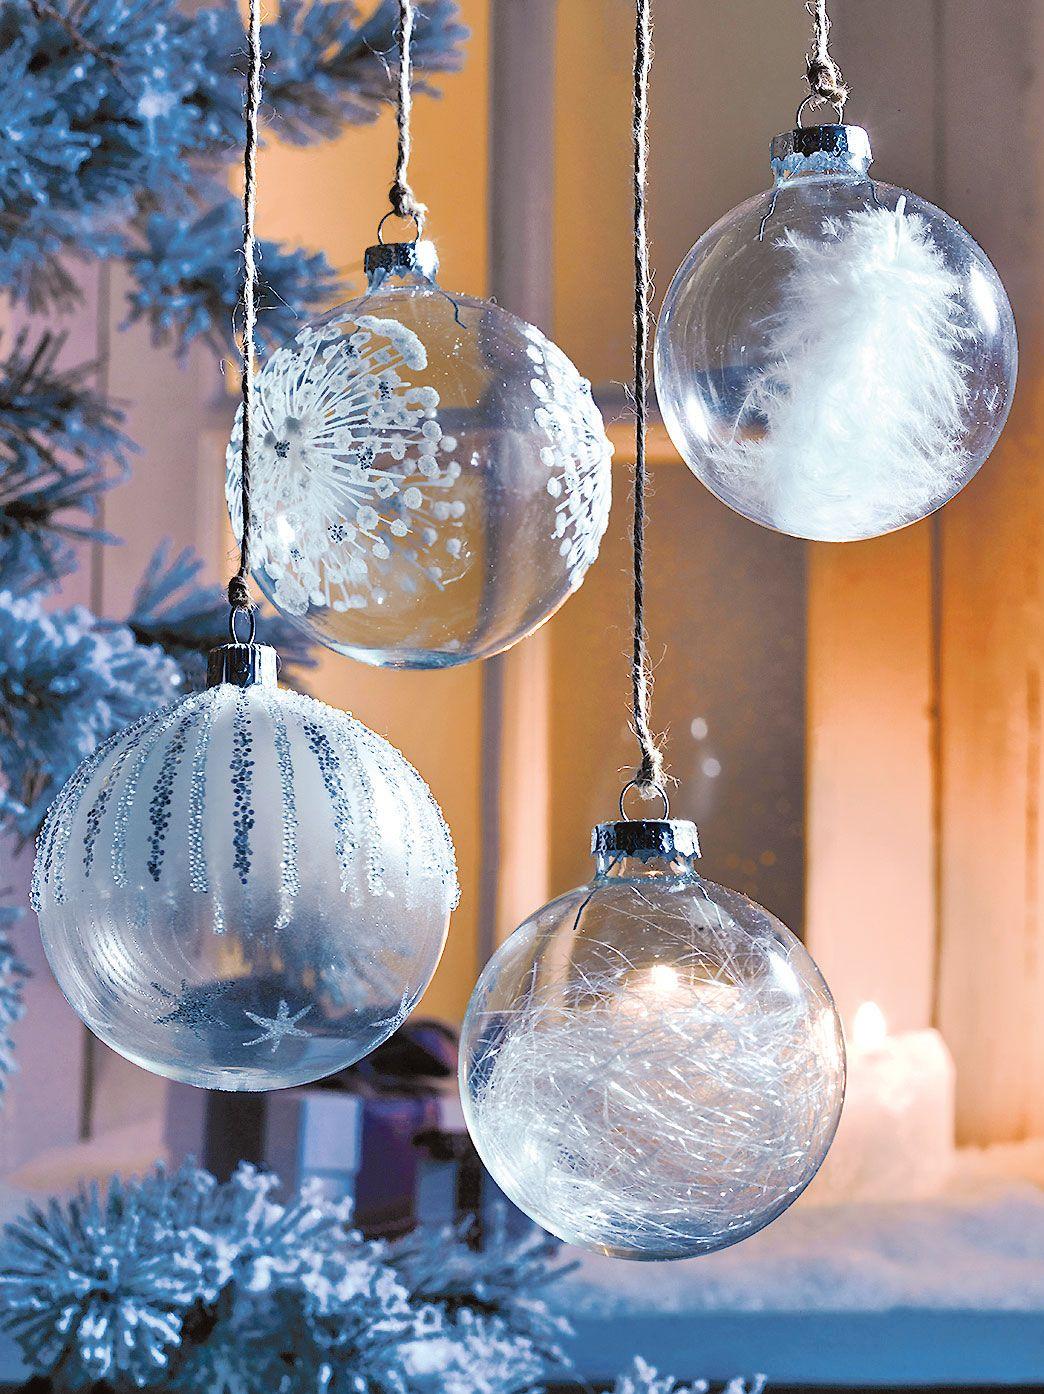 Boule De Noel Transparente A Decorer dedans boule en verre transparente garnie de polystyrène, plumes d.7 cm